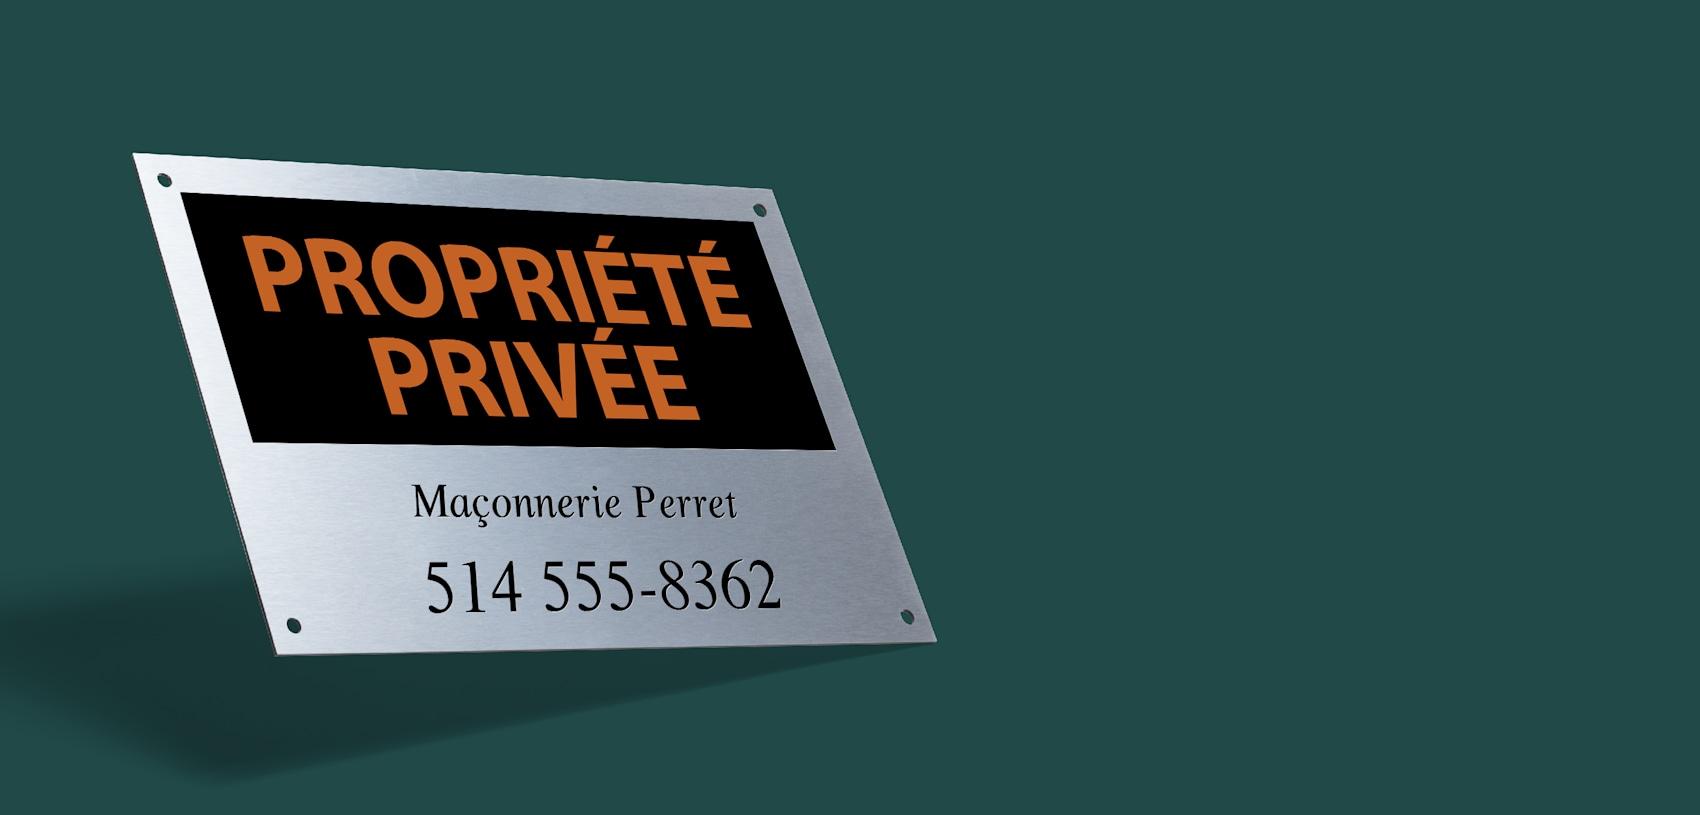 Enseigne métallique personnalisée propriété privée